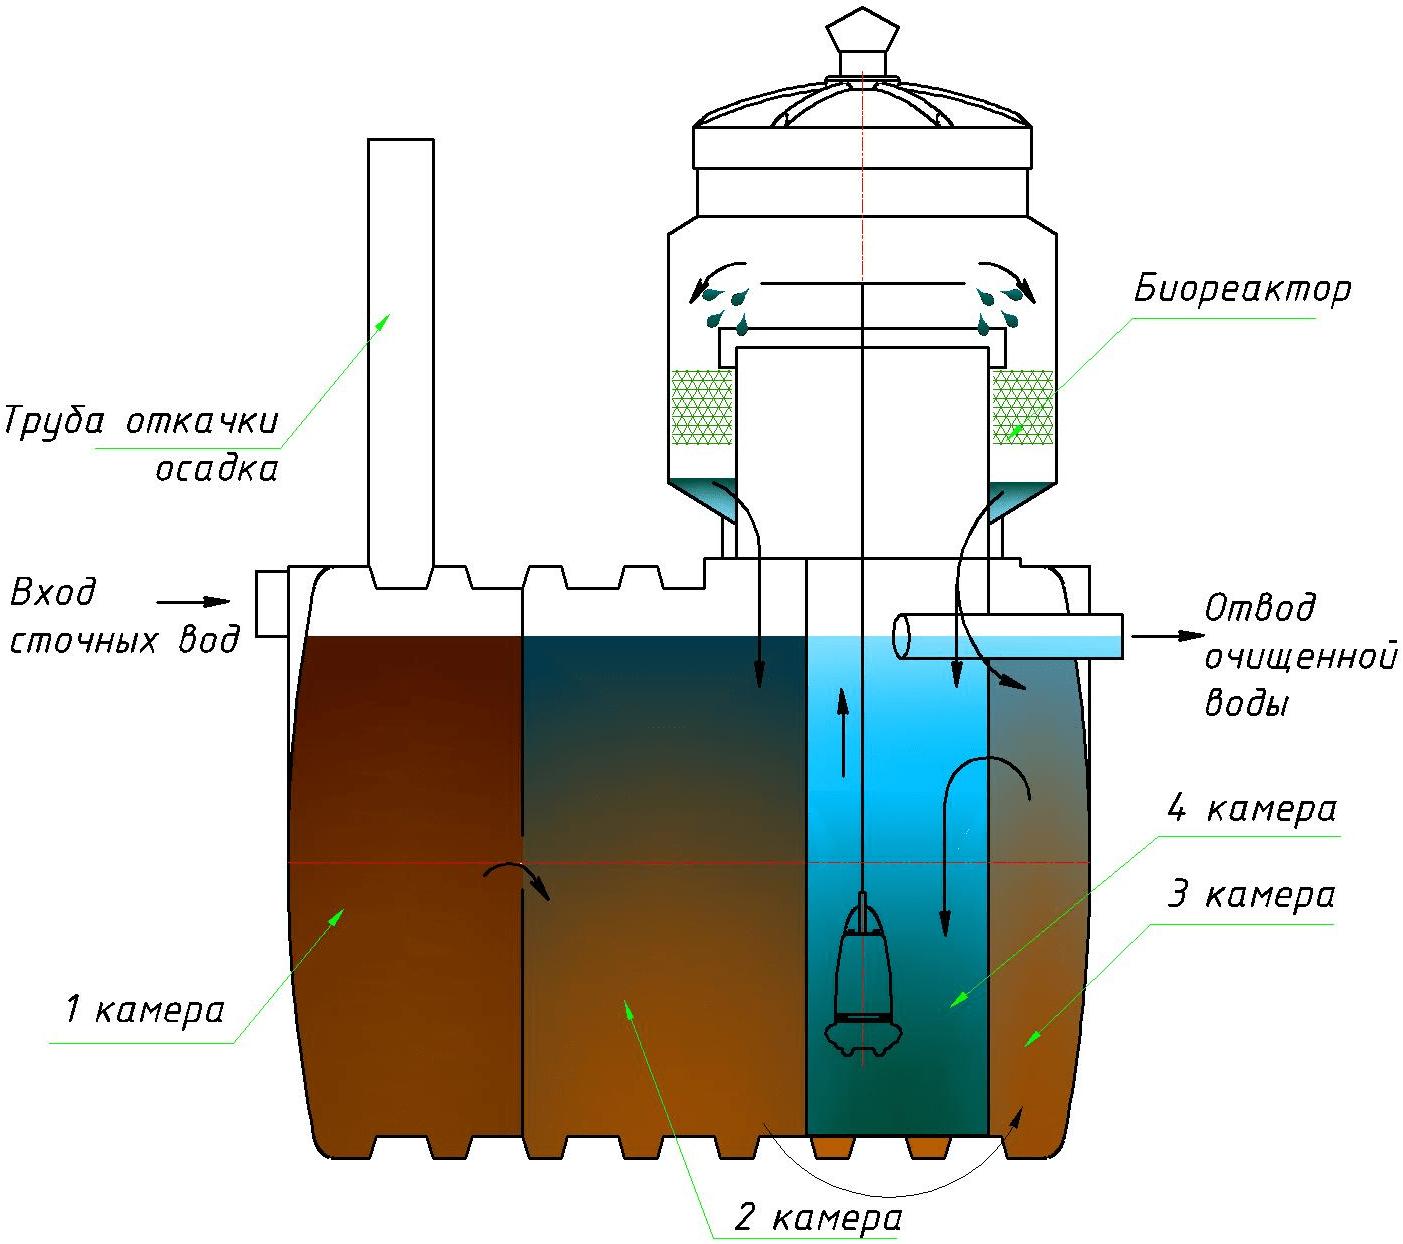 Как утилизировать сточные воды на участке   технологии (огород.ru)